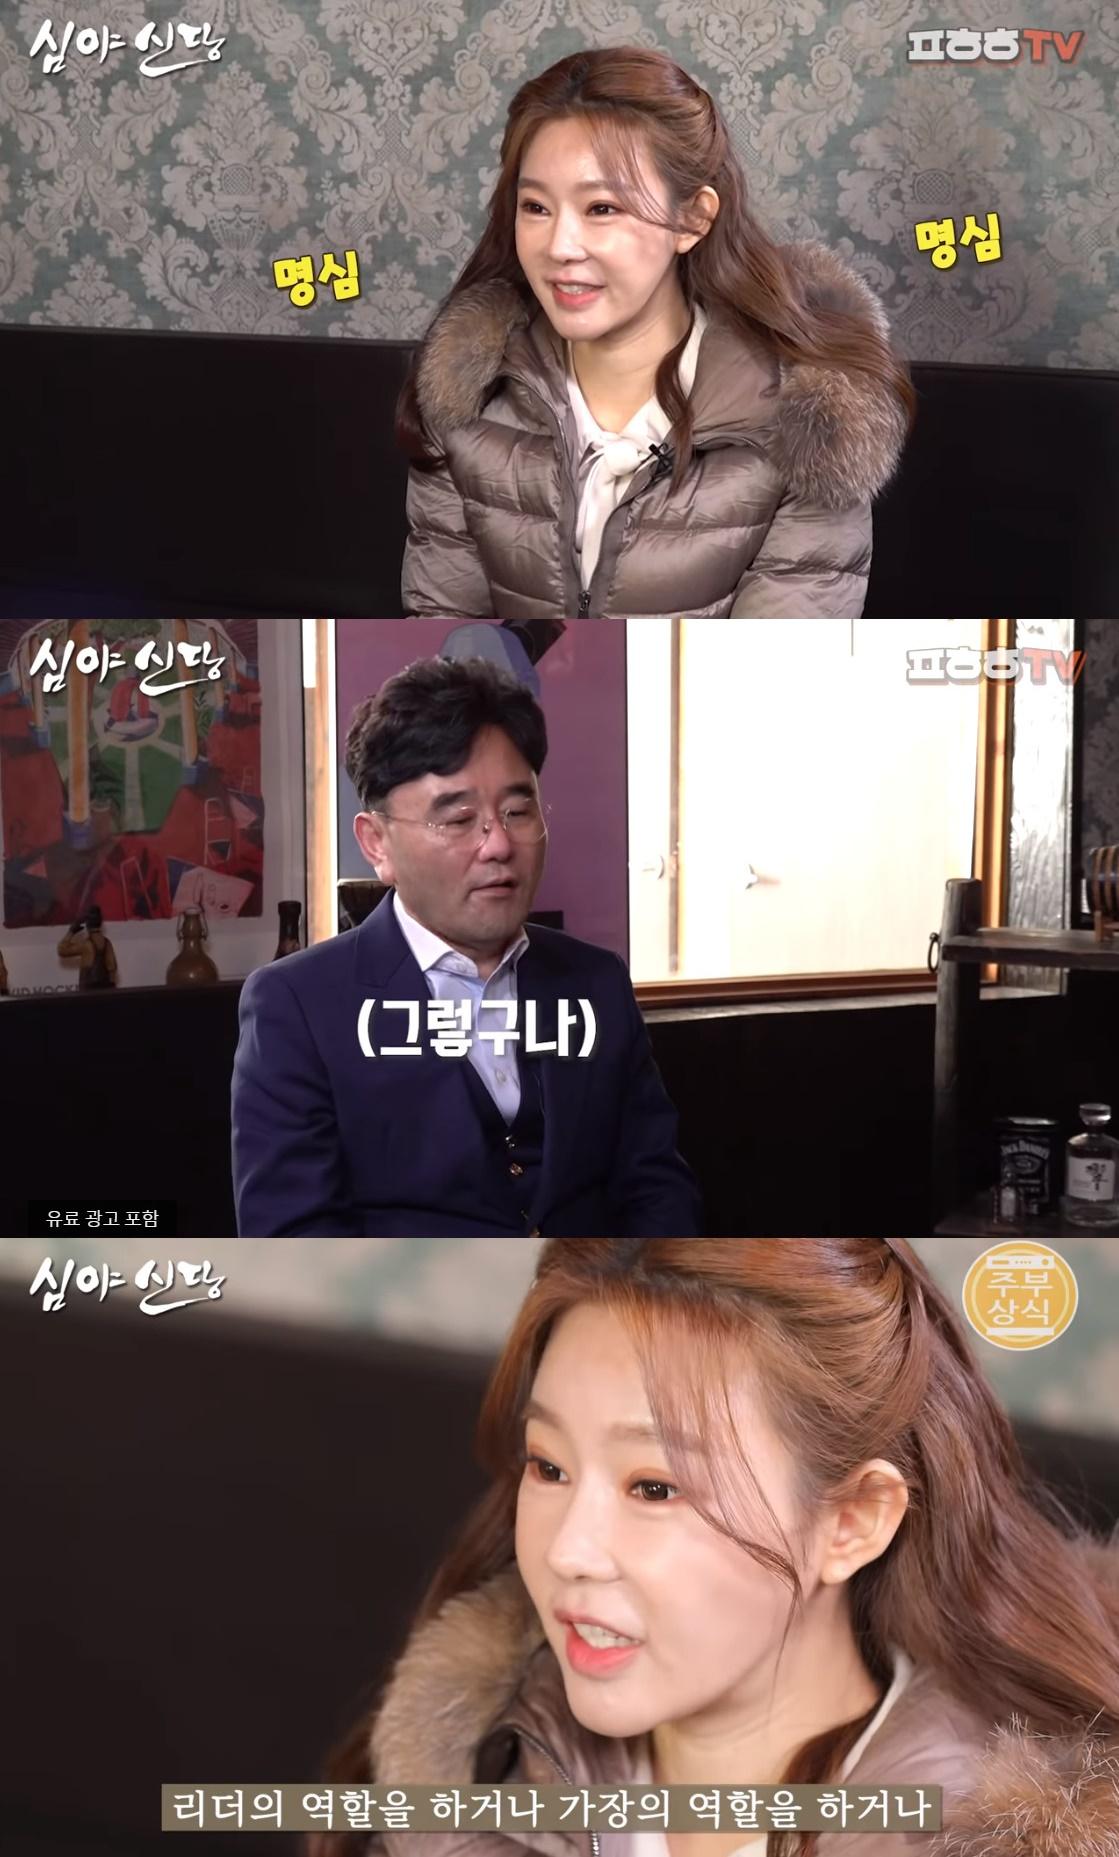 [소셜iN] '일라이와 이혼' 지연수 근황, 신용불량→마스크 포장 부업